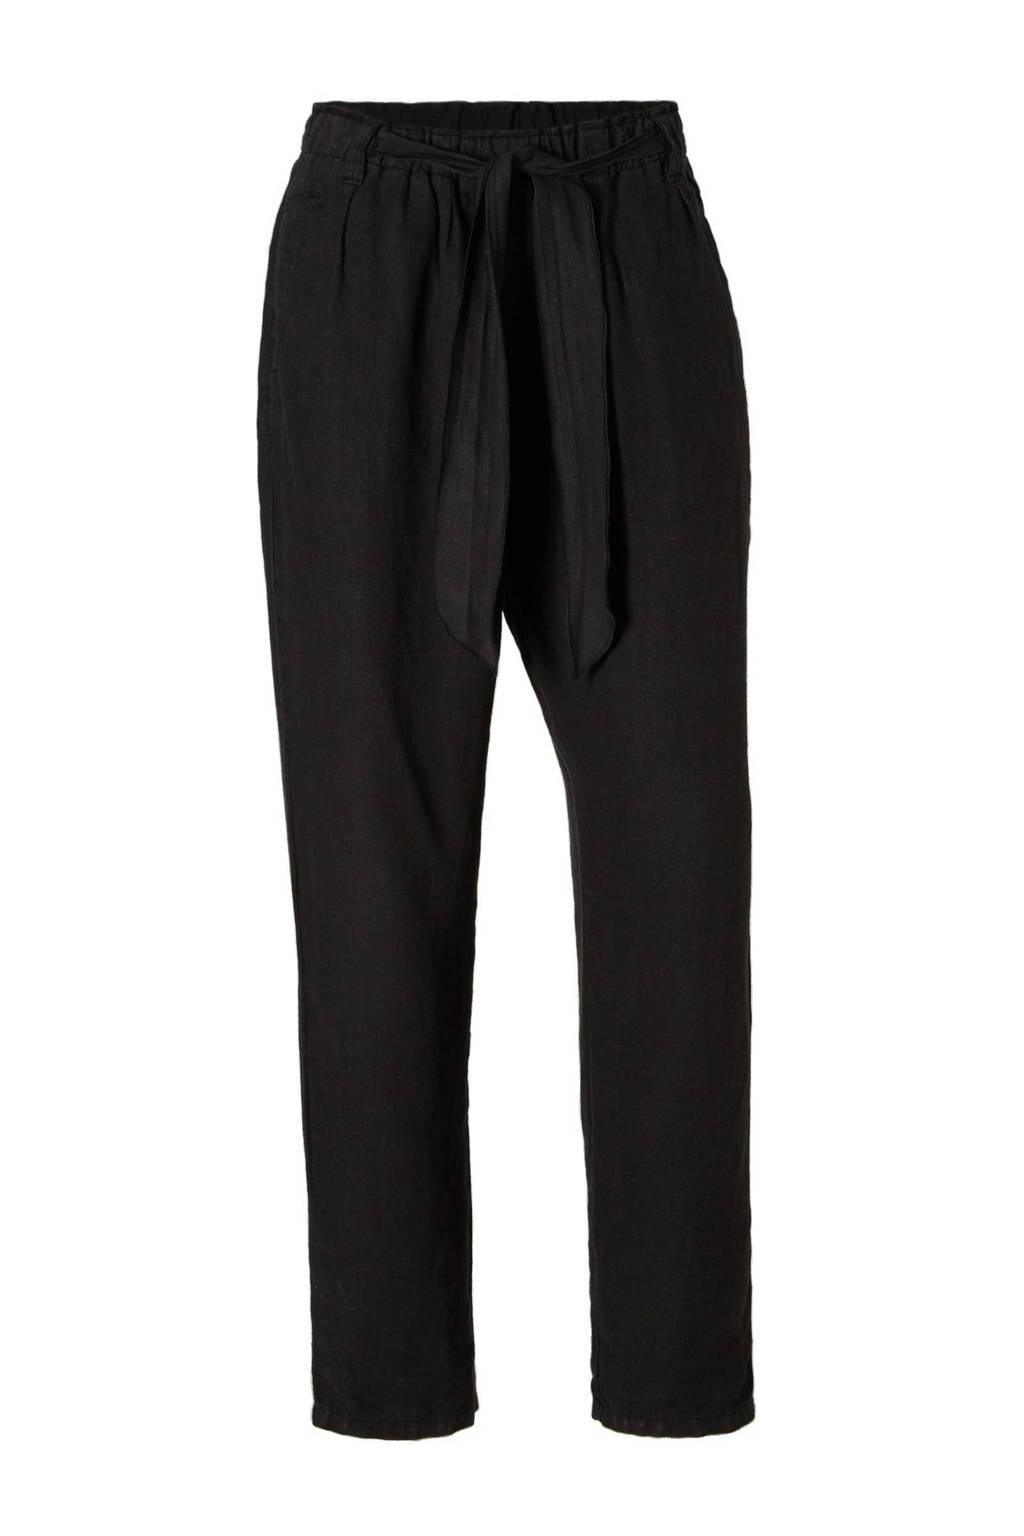 10DAYS high waisted loose fit linnen broek, Zwart